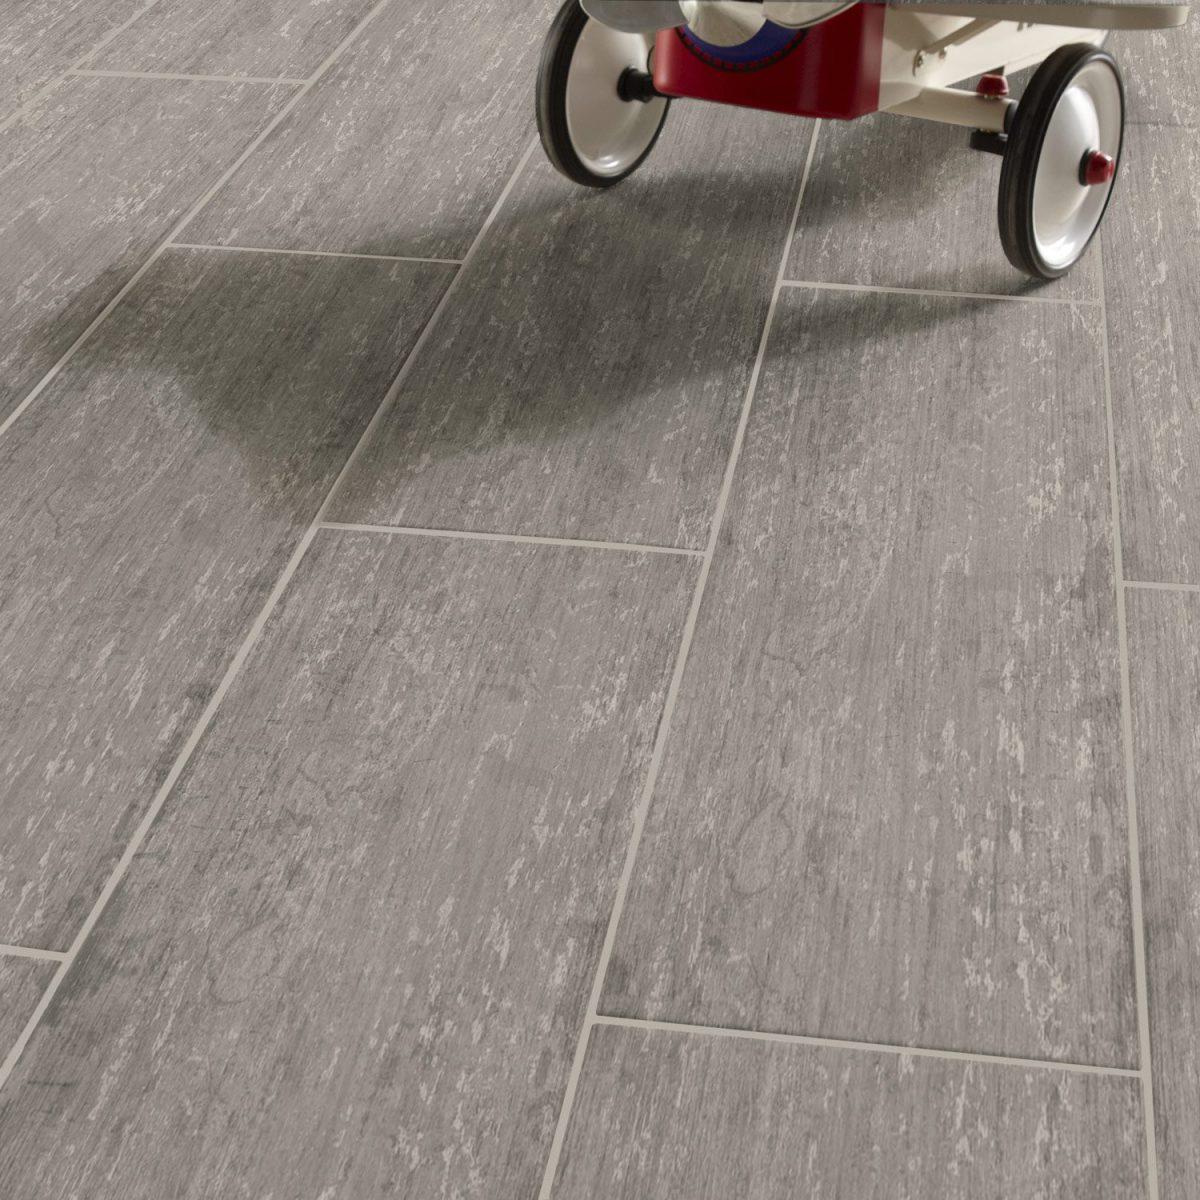 Dipingere Pavimento In Gres parquet o grès effetto legno: cosa scegliere?